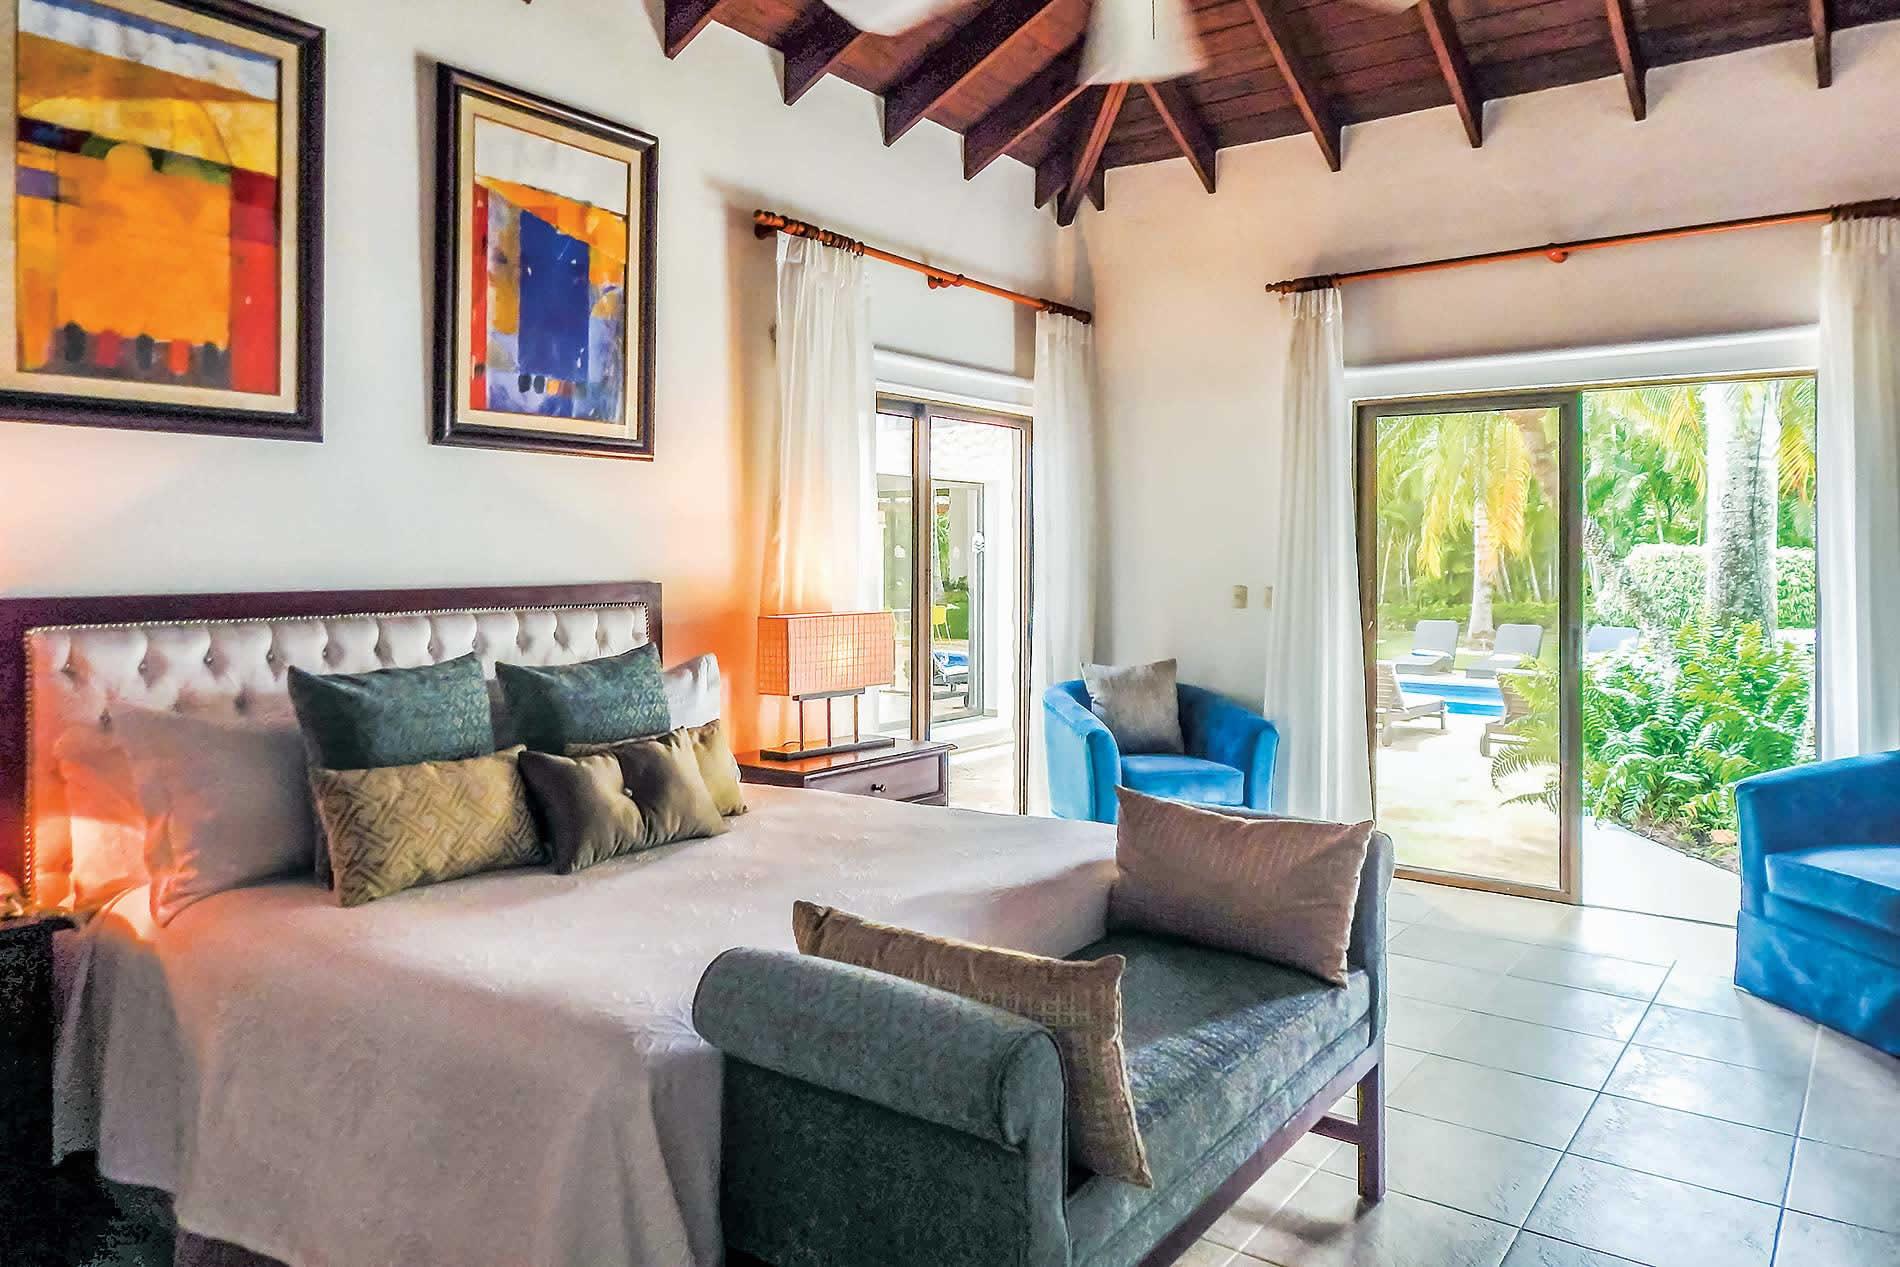 Villa Toscano in Casa de Campo Resort - sleeps 10 people